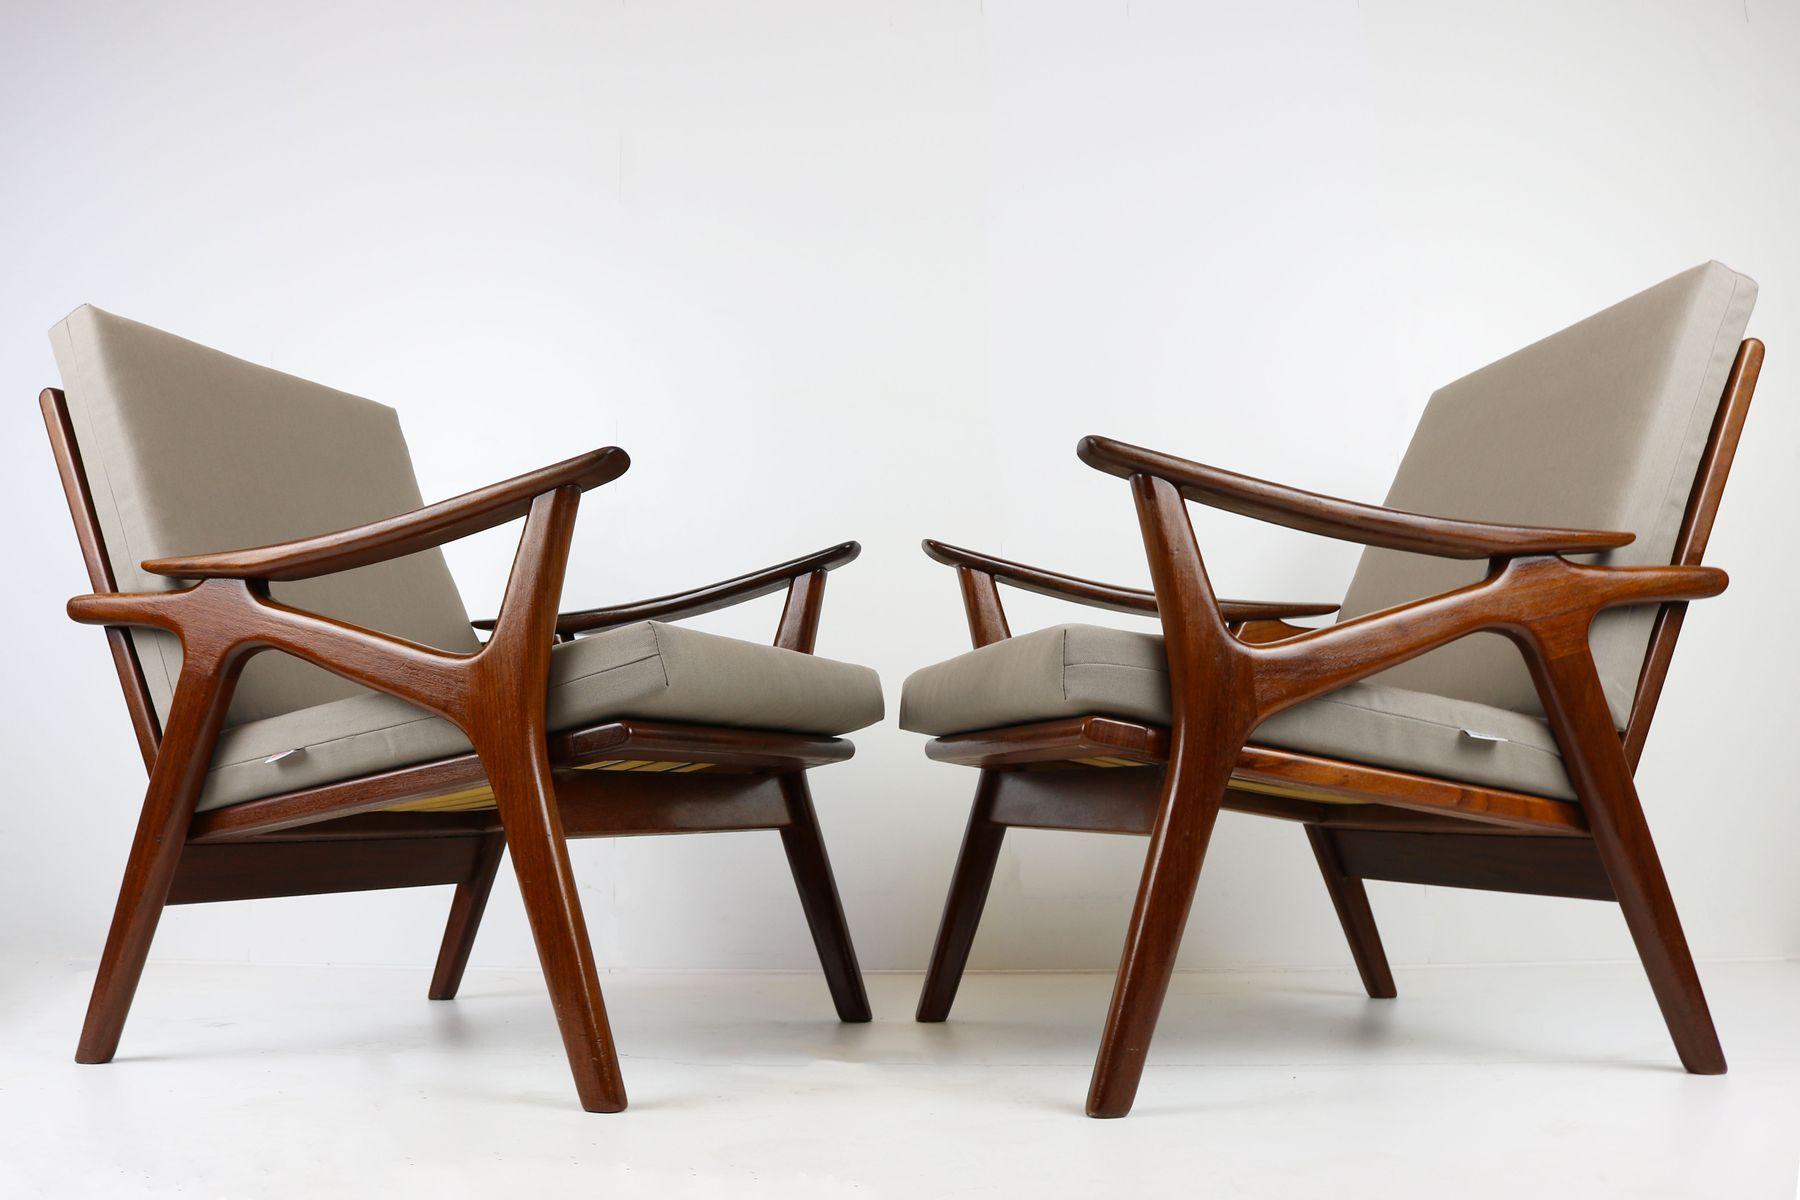 Chaises longues vintage en teck et tissu gris de de ster for Chaises longues en teck